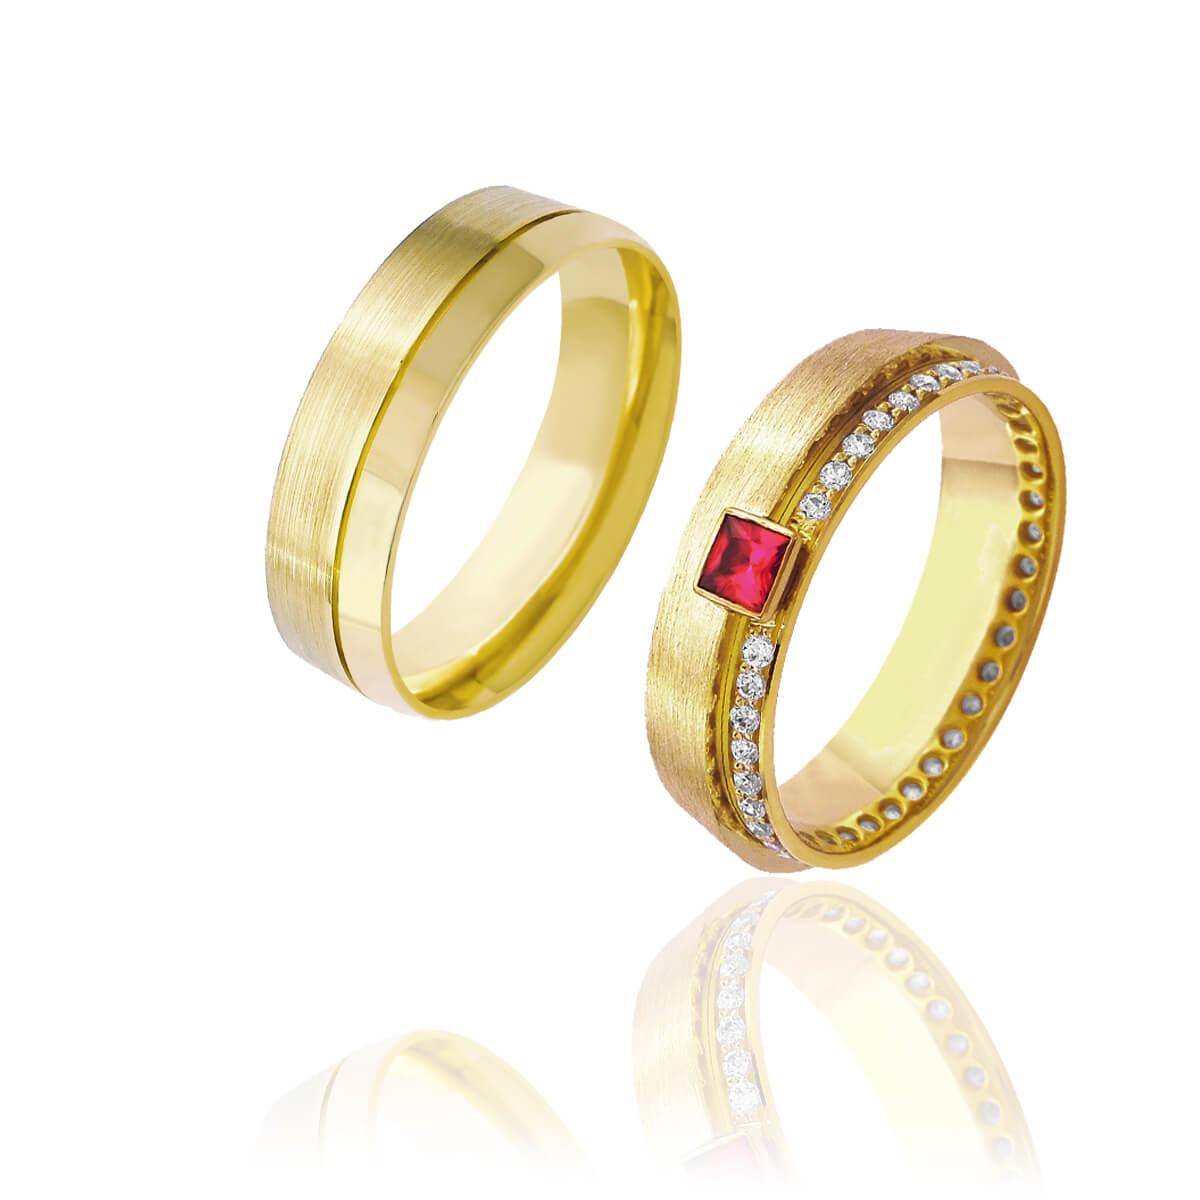 Par de Alianças de Casamento Afrodite Ouro 18k Diamantado Cravejado de Brilhantes e Rubi 6mm 6g